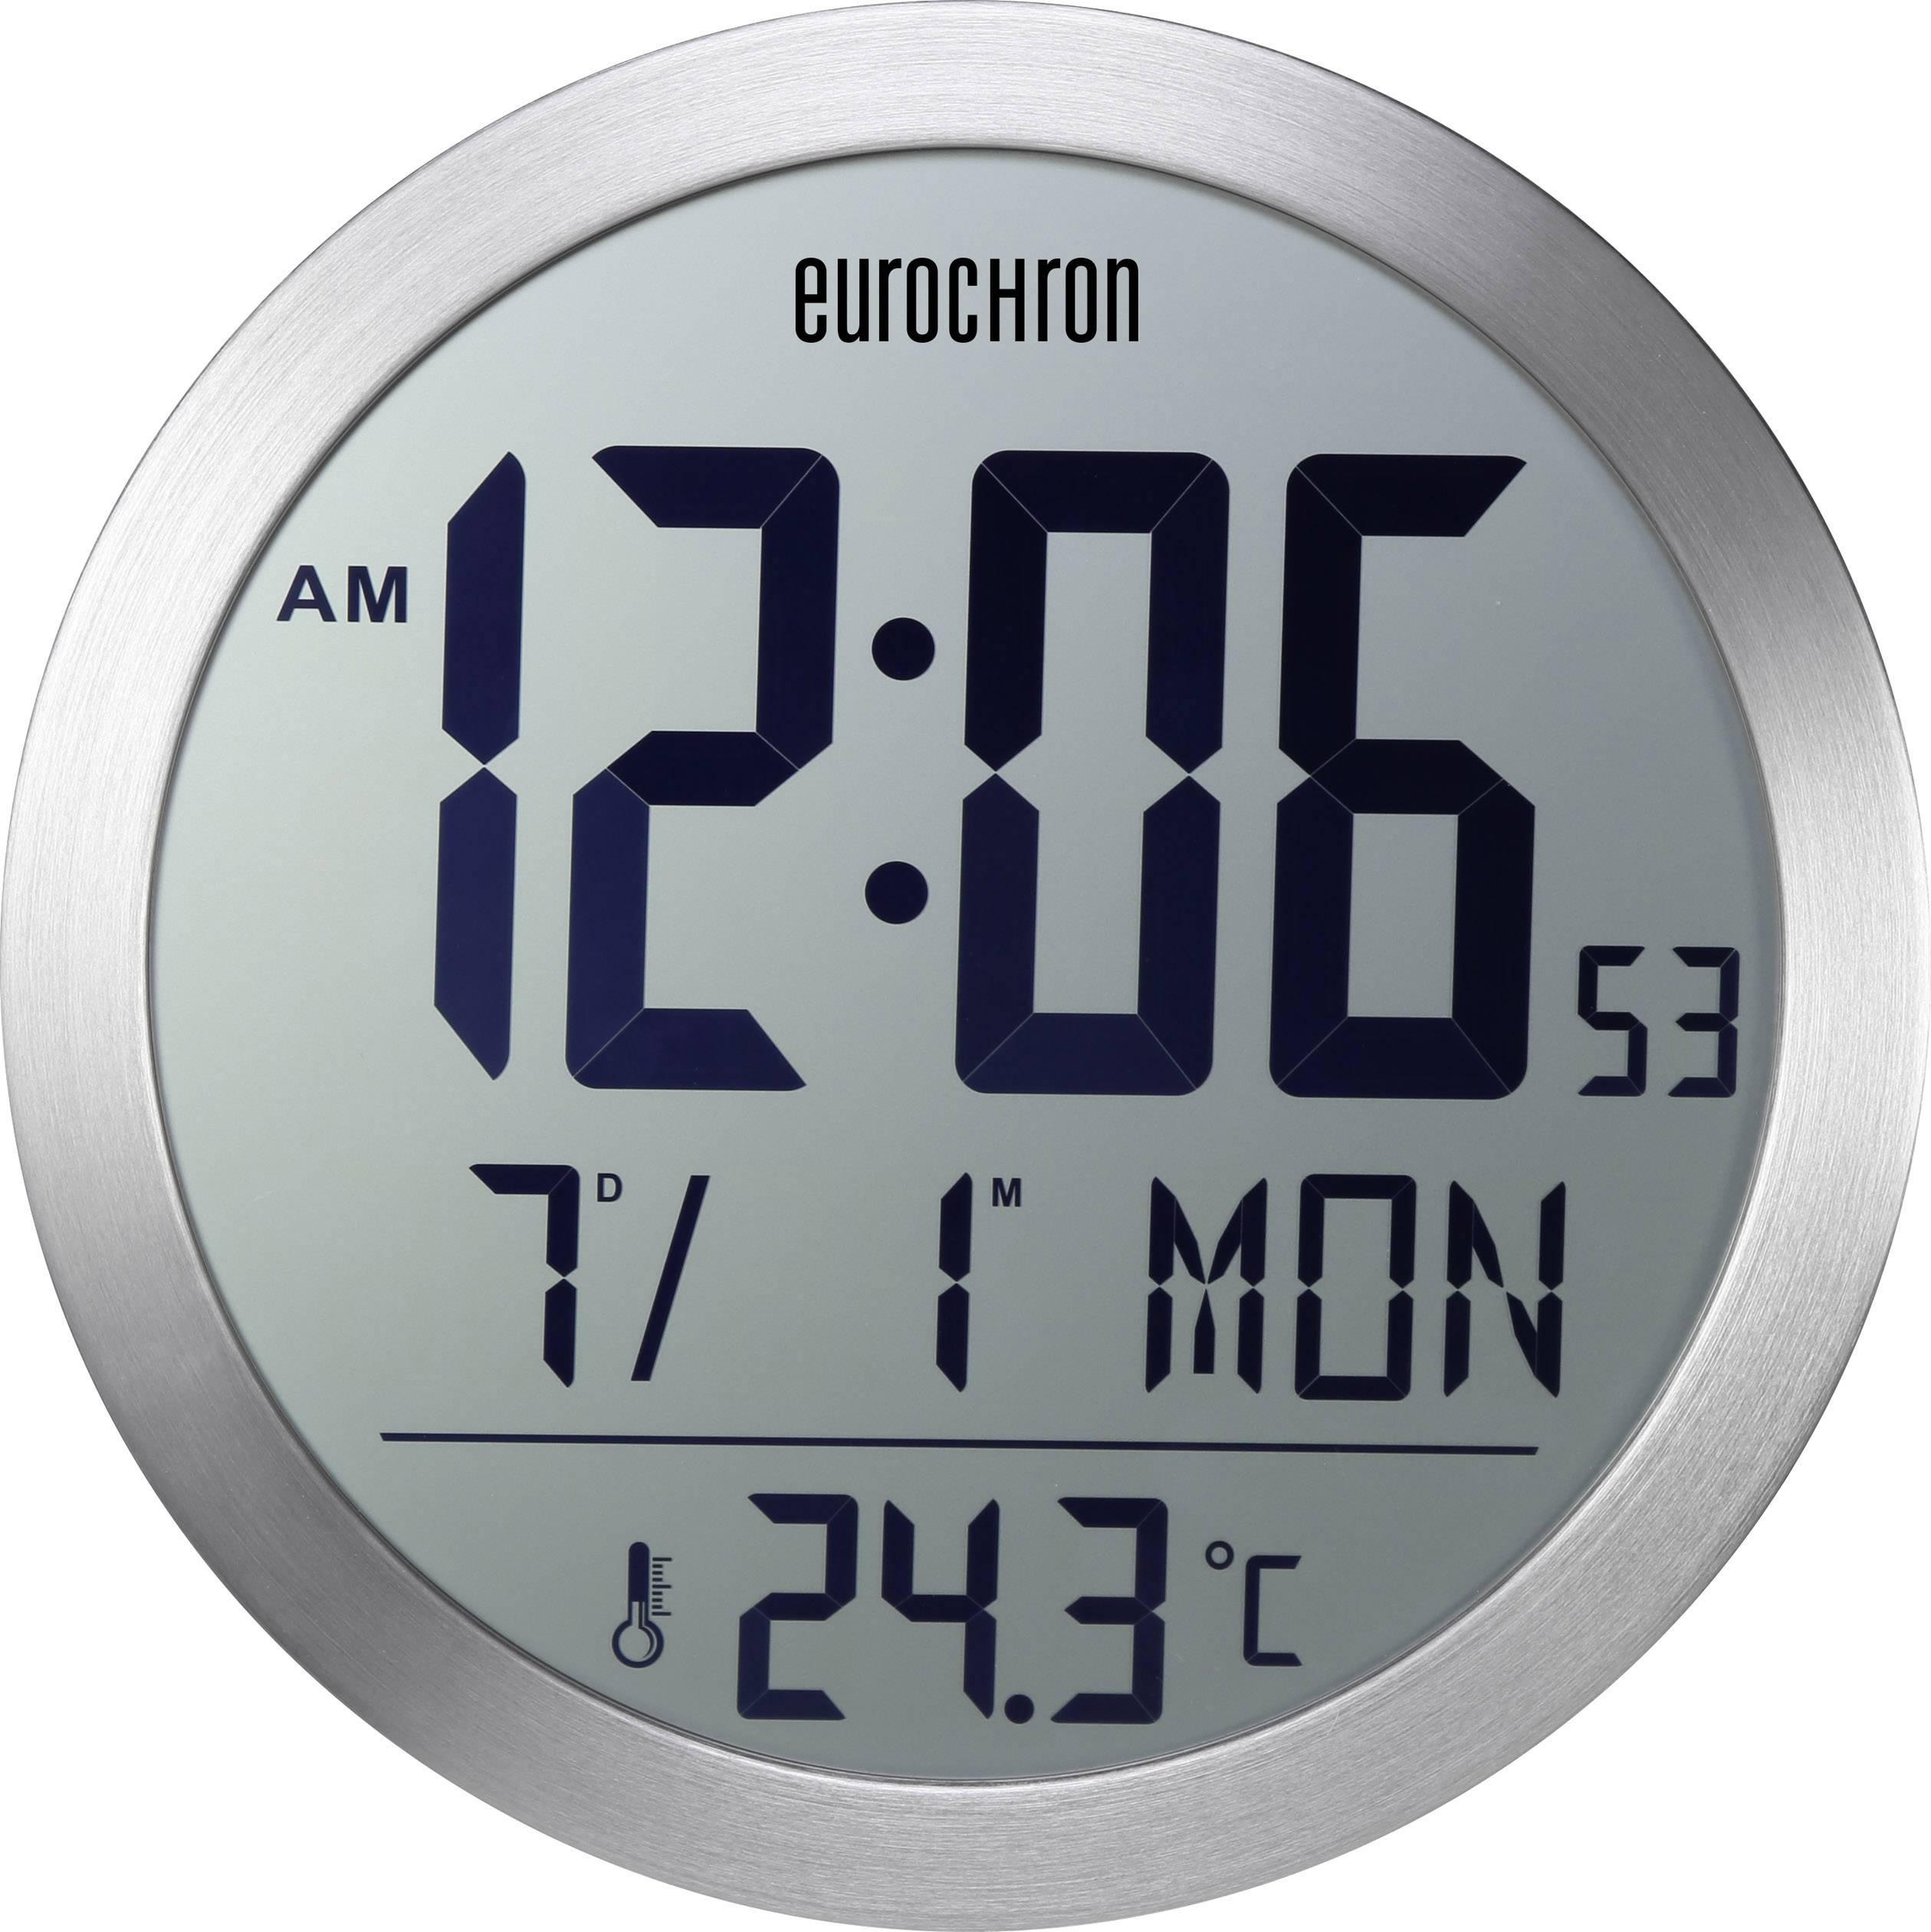 DCF nástenné hodiny Eurochron EFW 5001, Vonkajší Ø 394 mm, strieborná